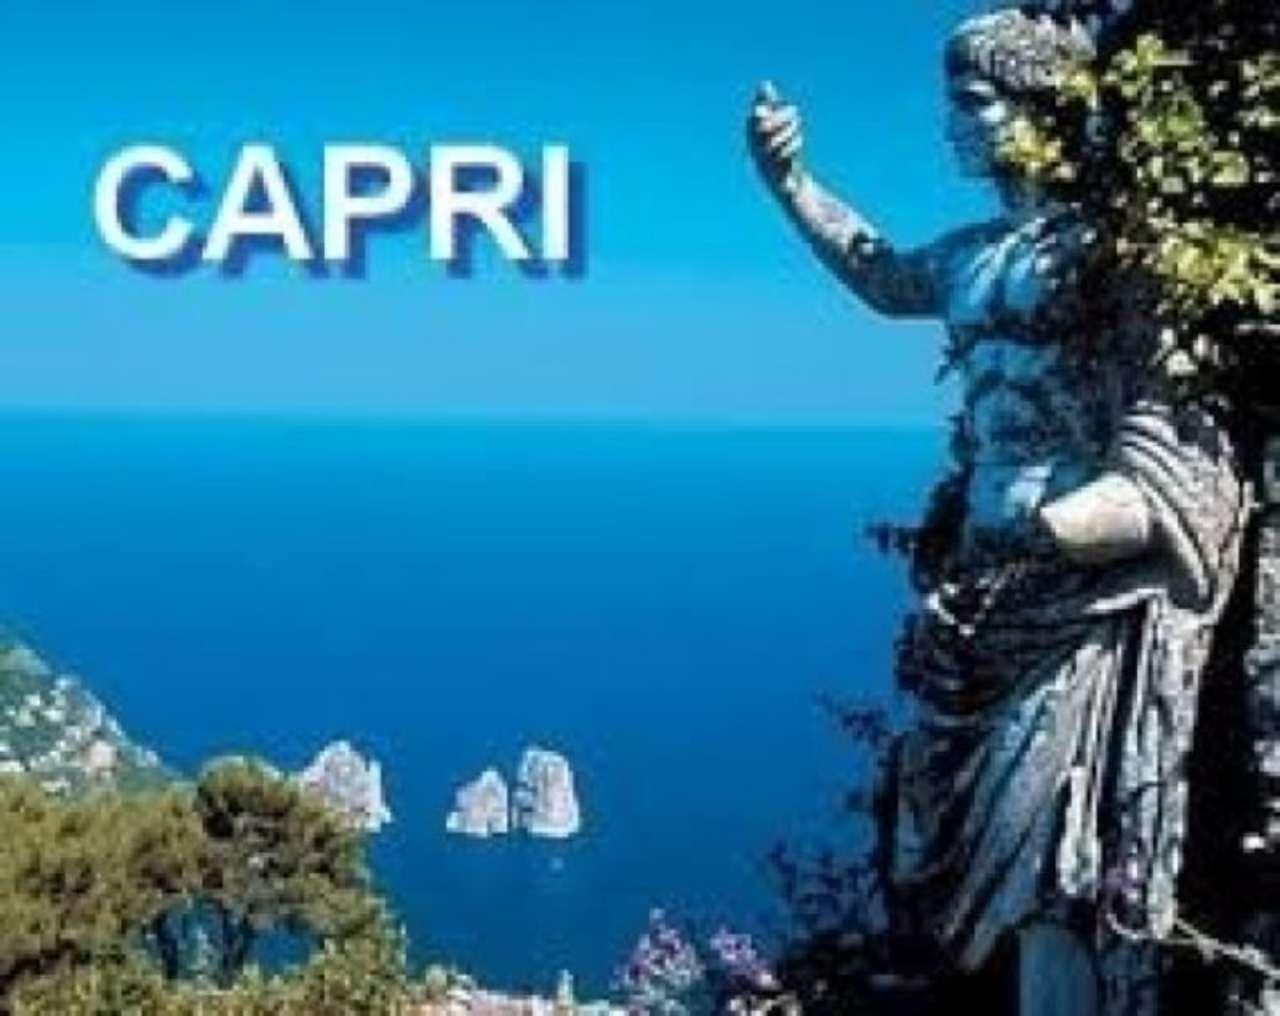 Villa in vendita a Capri, 6 locali, prezzo € 8.800.000 | Cambio Casa.it